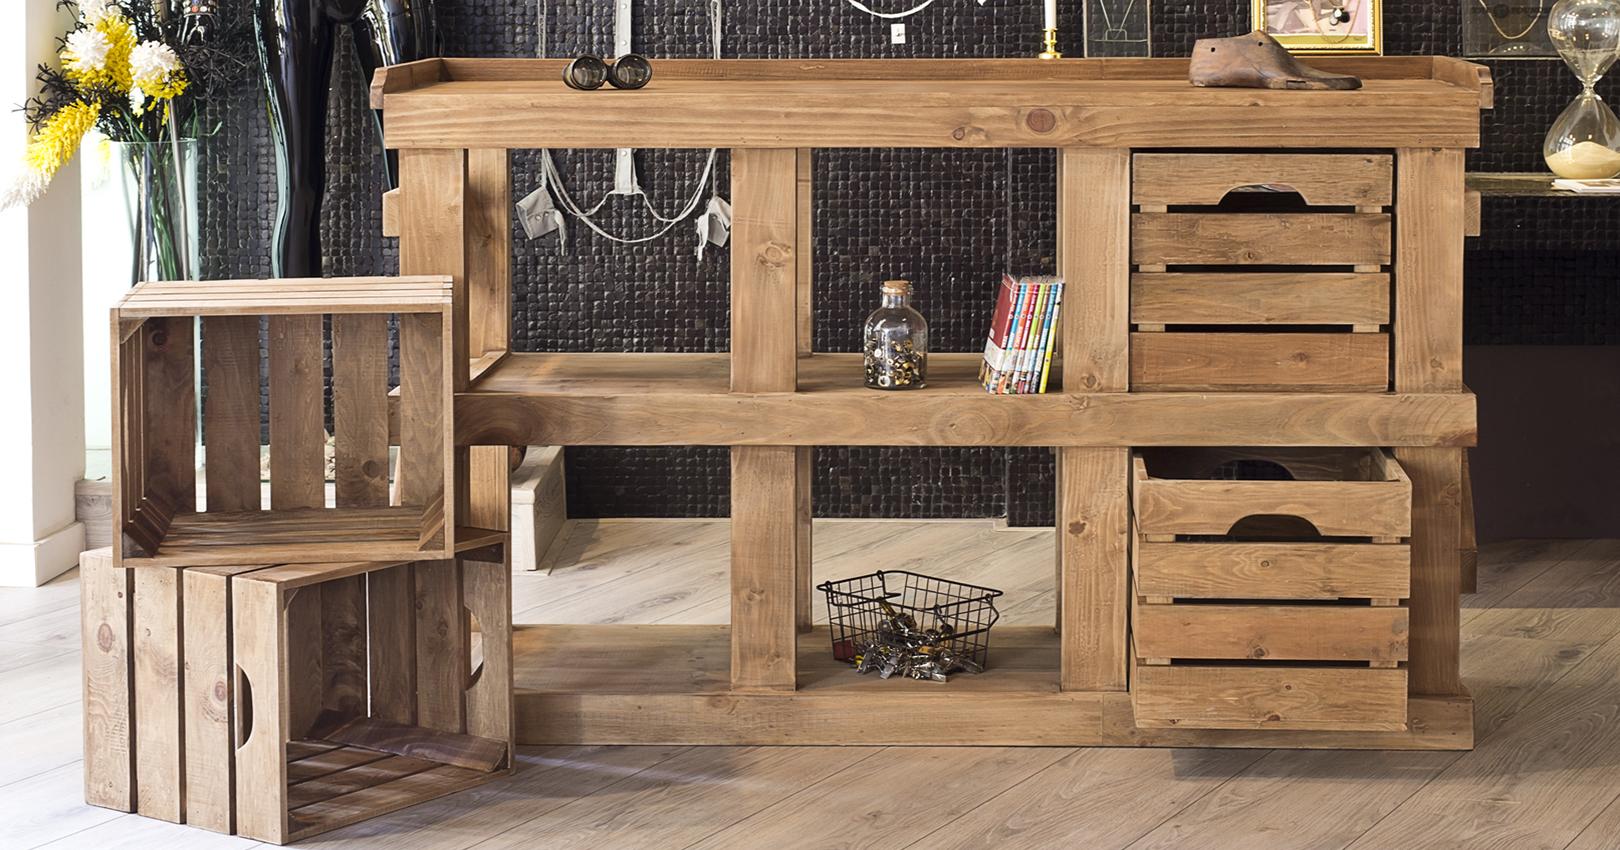 F brica y venta de muebles vintage for Muebles para negocio